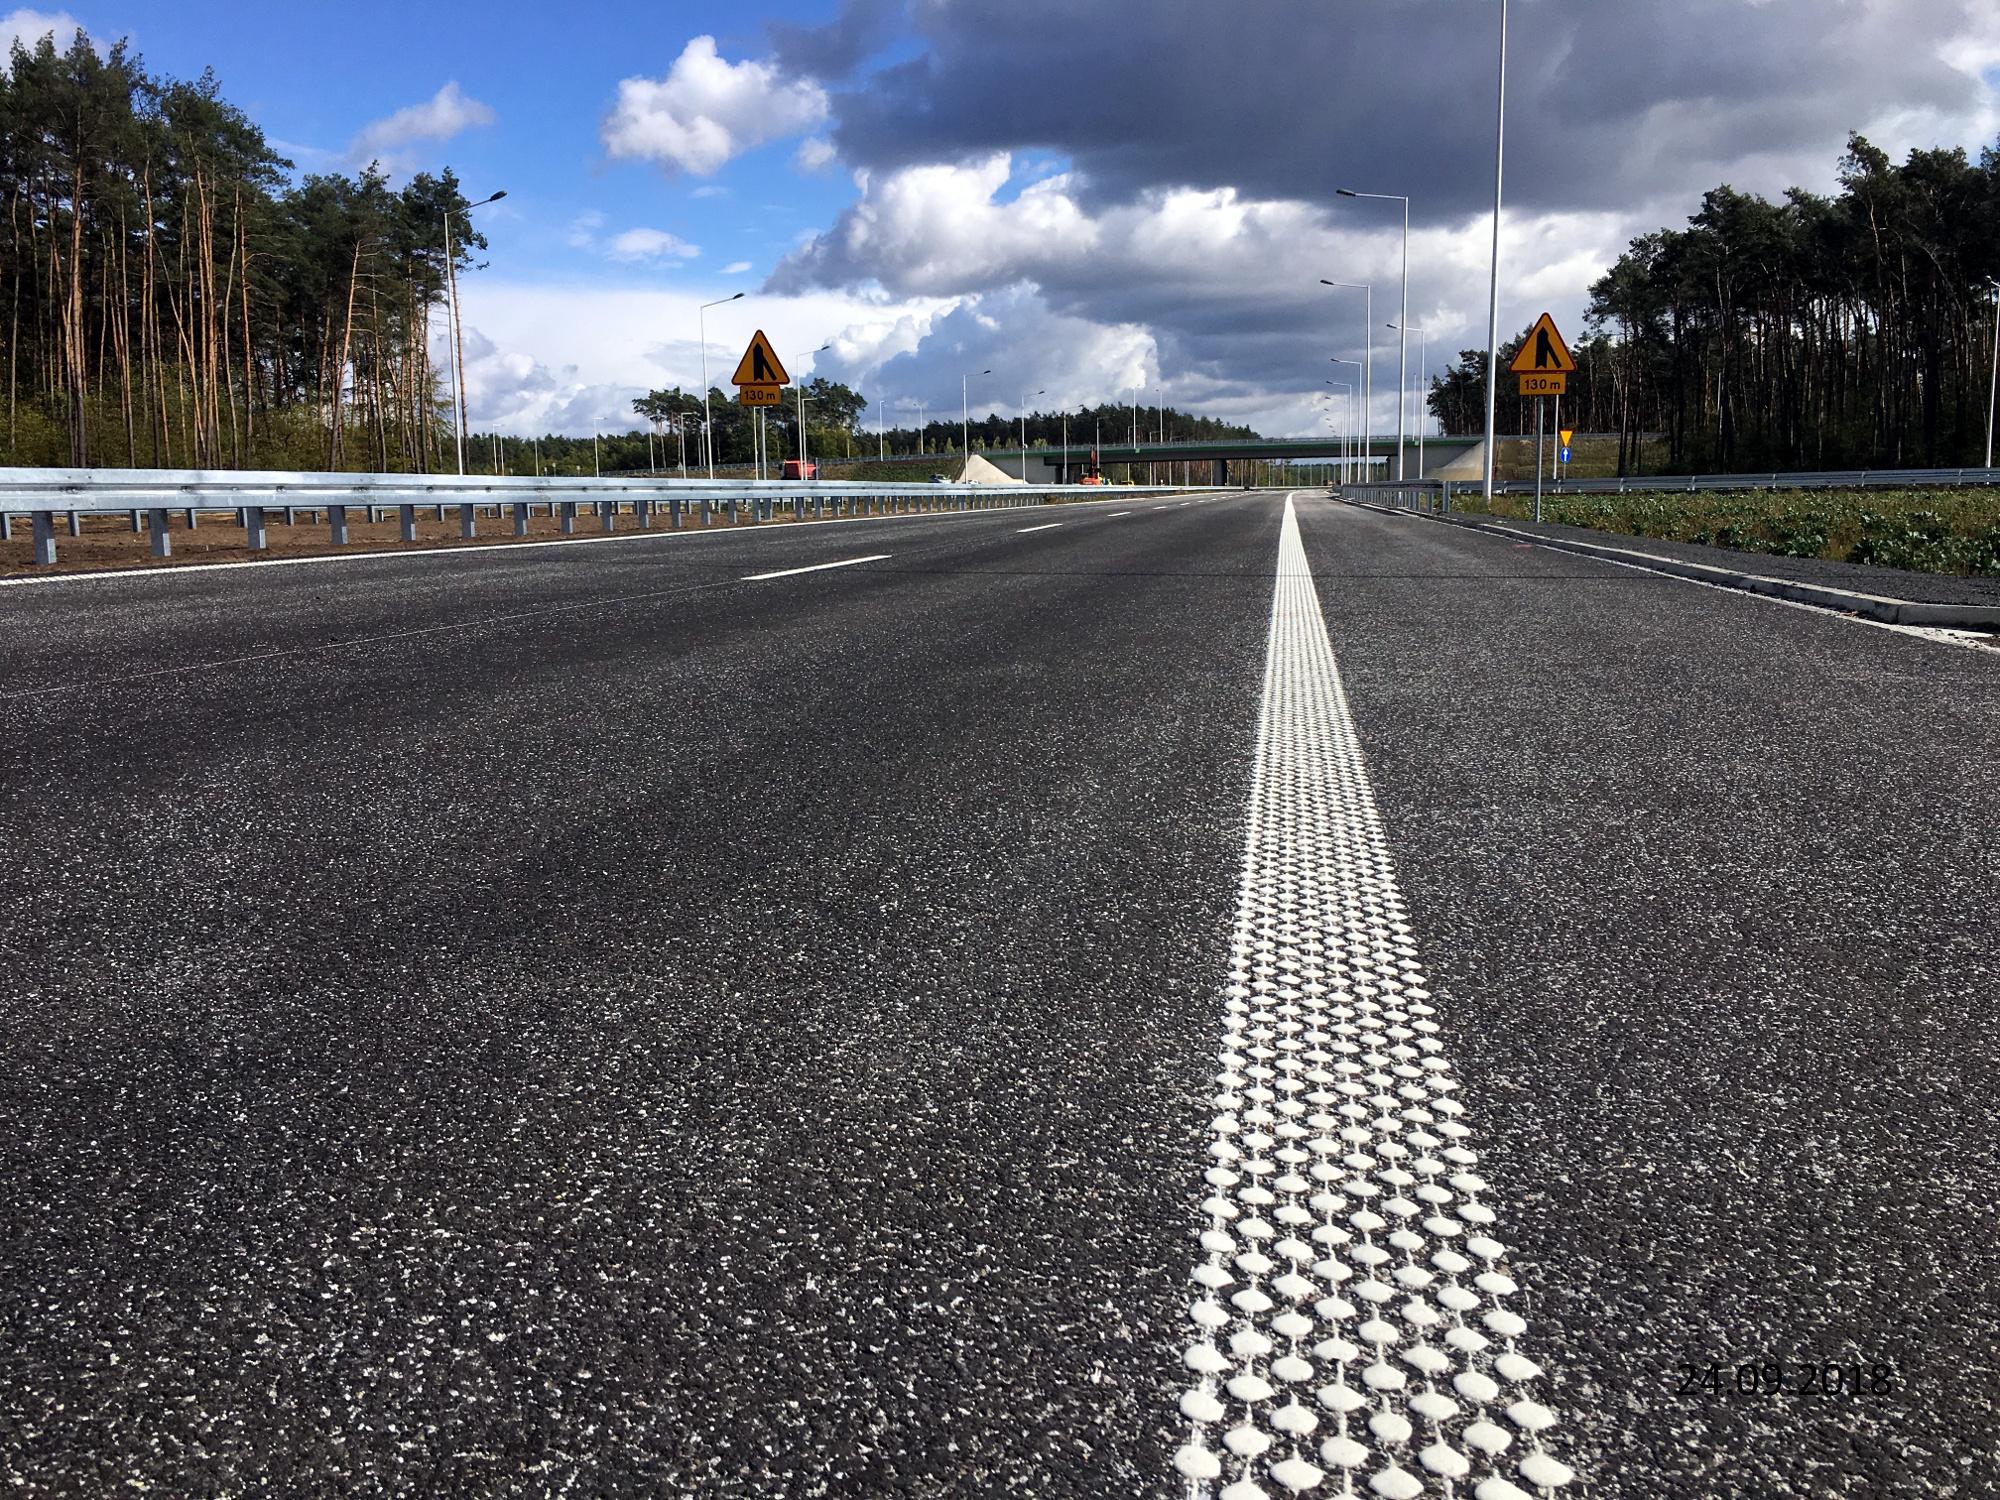 Jeśli myślałeś, że A4 jest najniebezpieczniejszą trasą w Polsce, to się mylisz. Statystyki mówią co innego